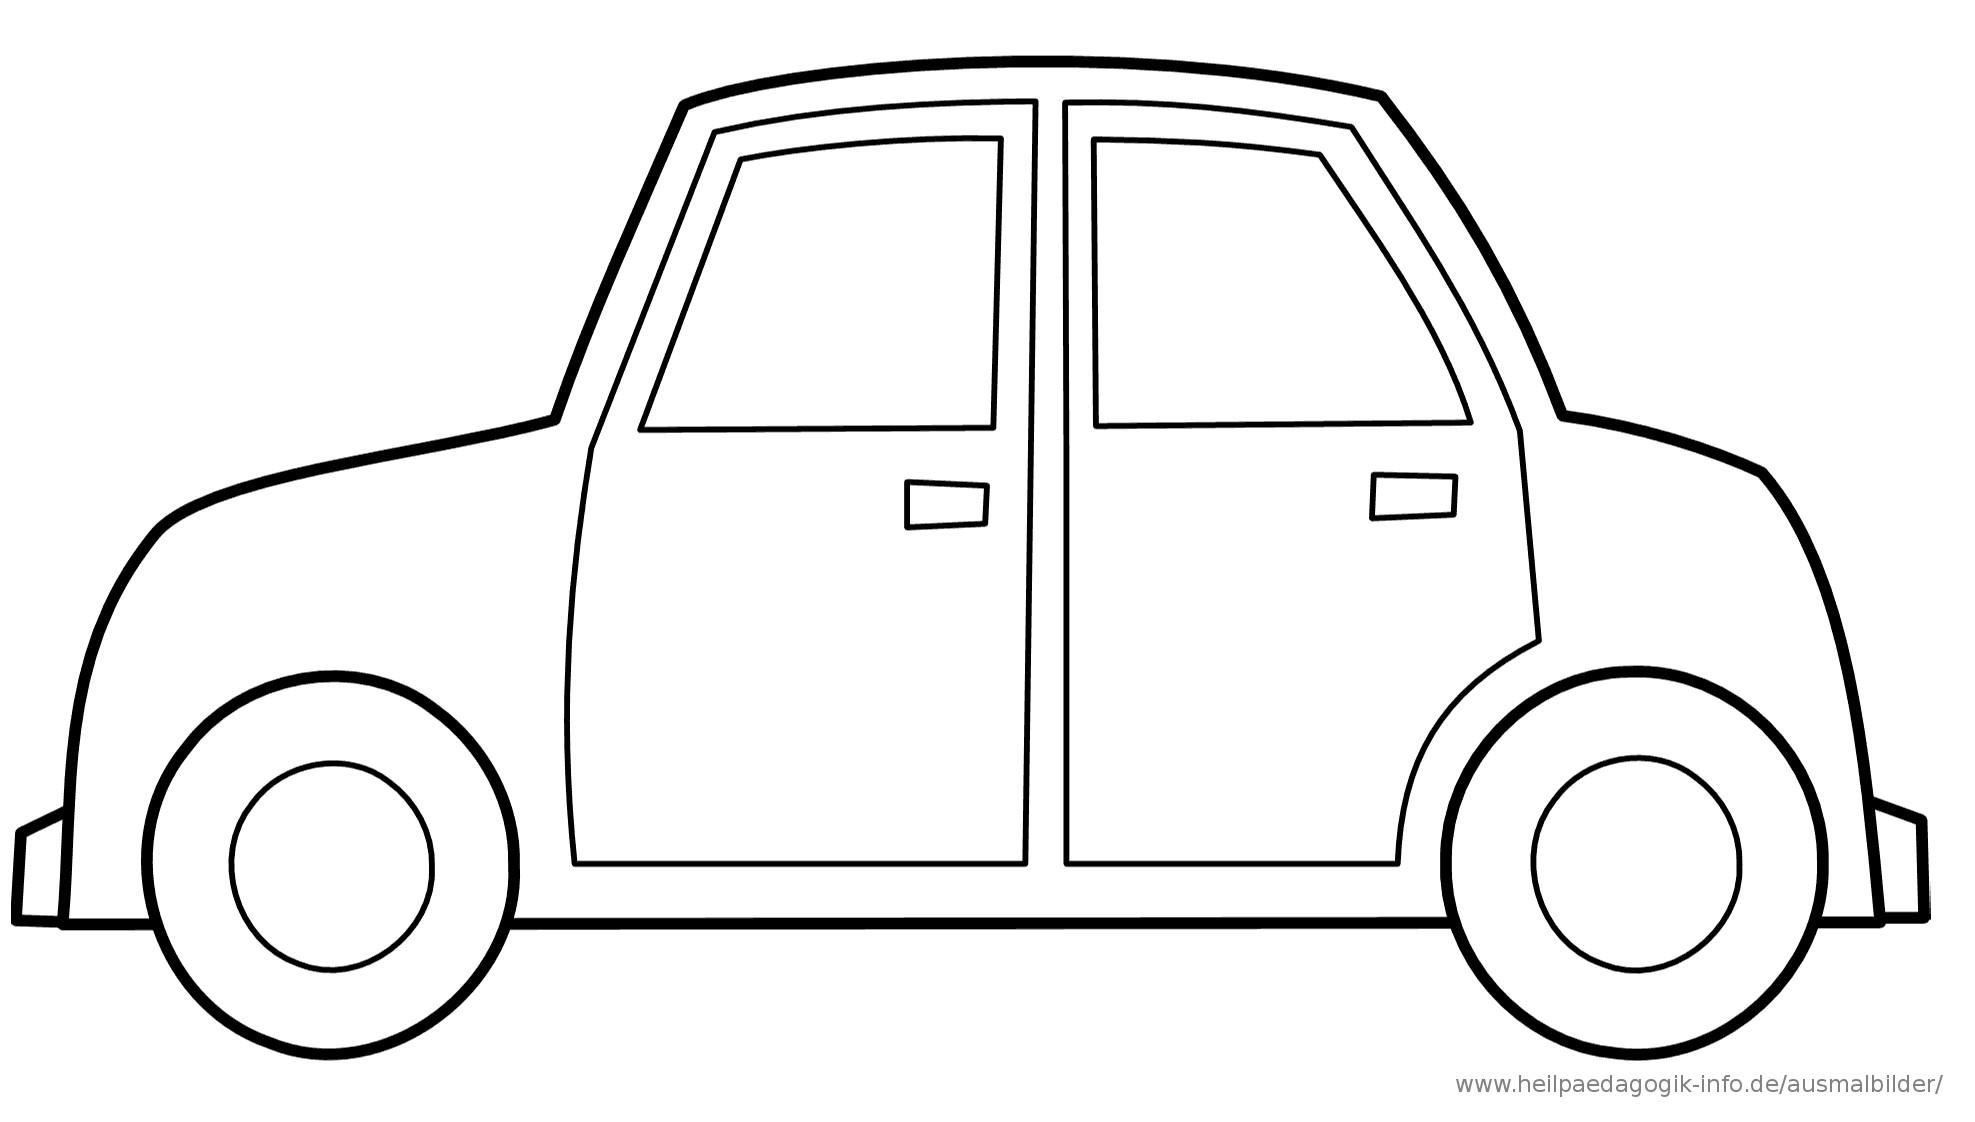 Ausmalbilder Rennauto Inspirierend Auto Zeichnen Leicht Bild